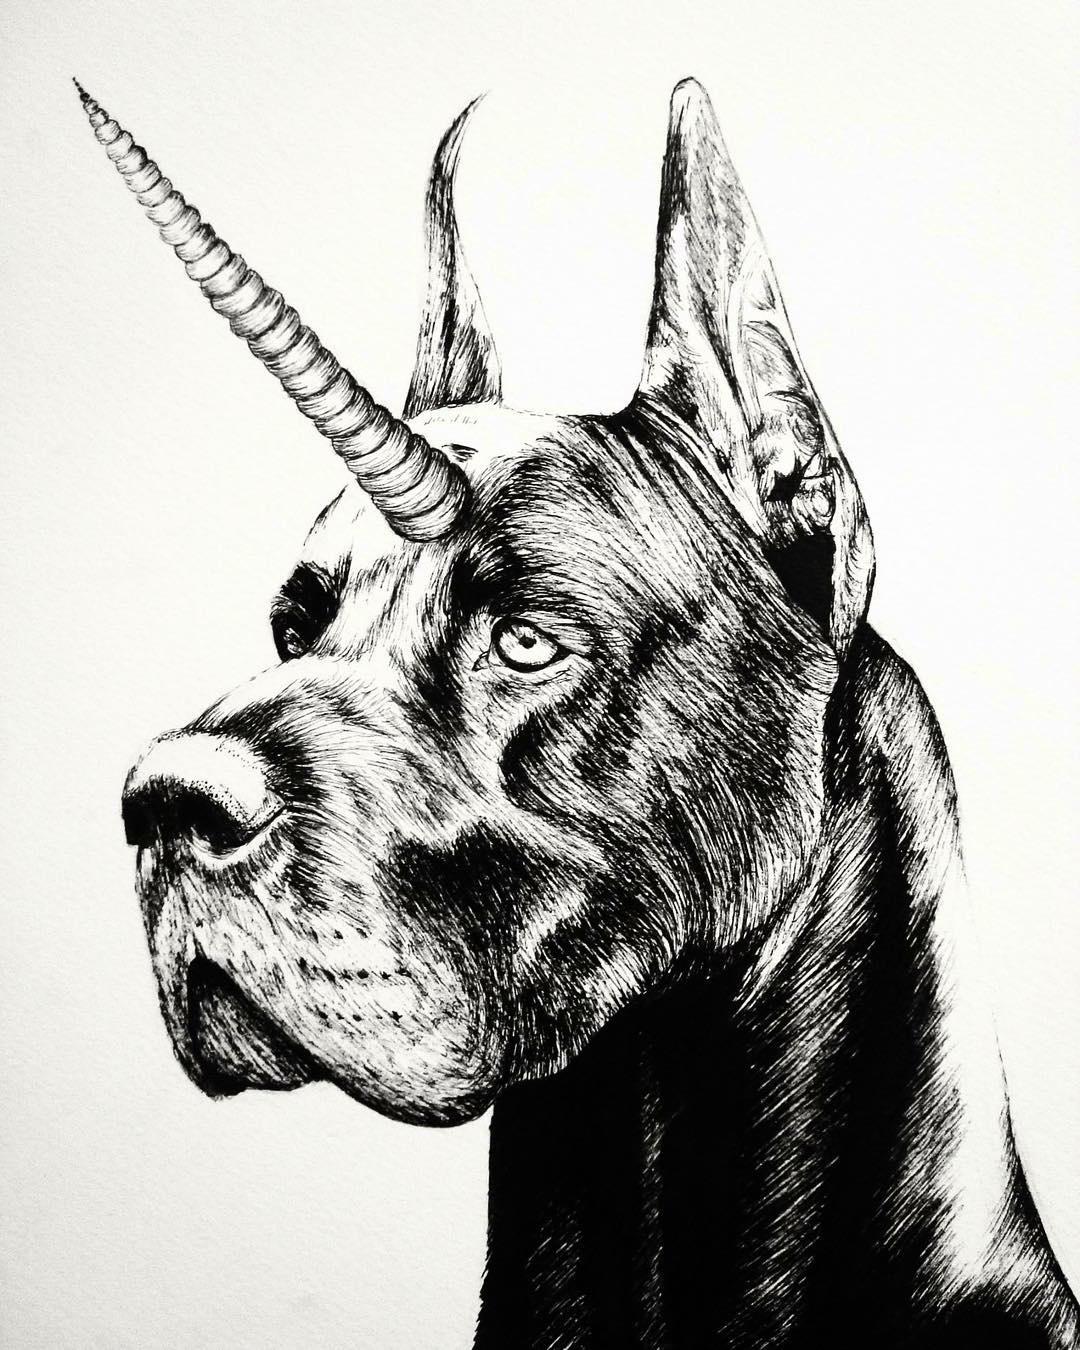 元素重组黑白动物插画